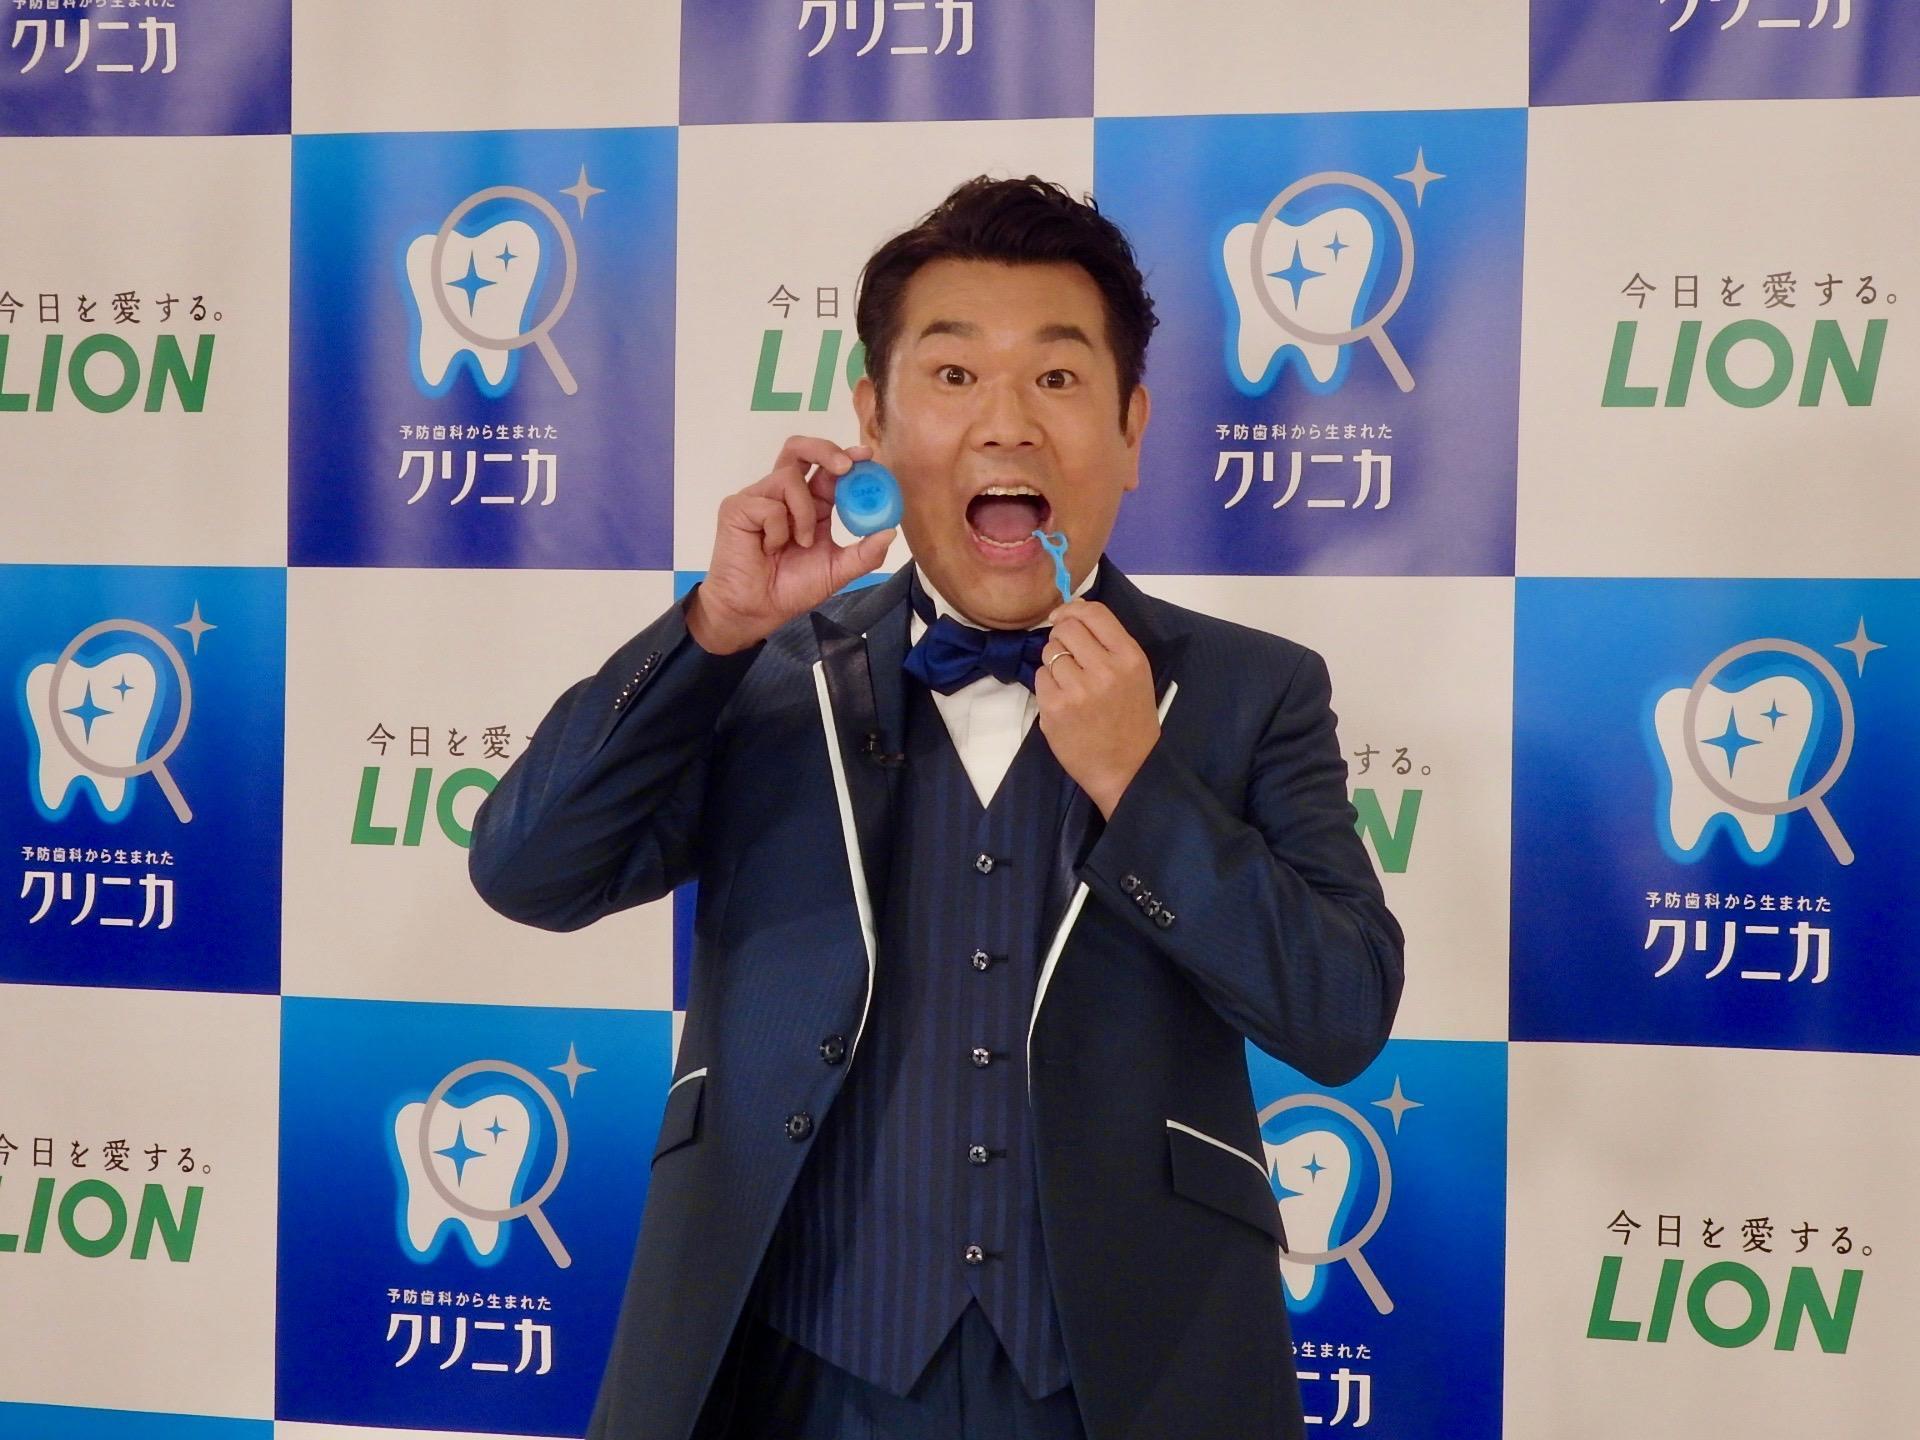 http://news.yoshimoto.co.jp/20180712104430-8180034a256c61cd610af5d69dac6bd37faea848.jpg